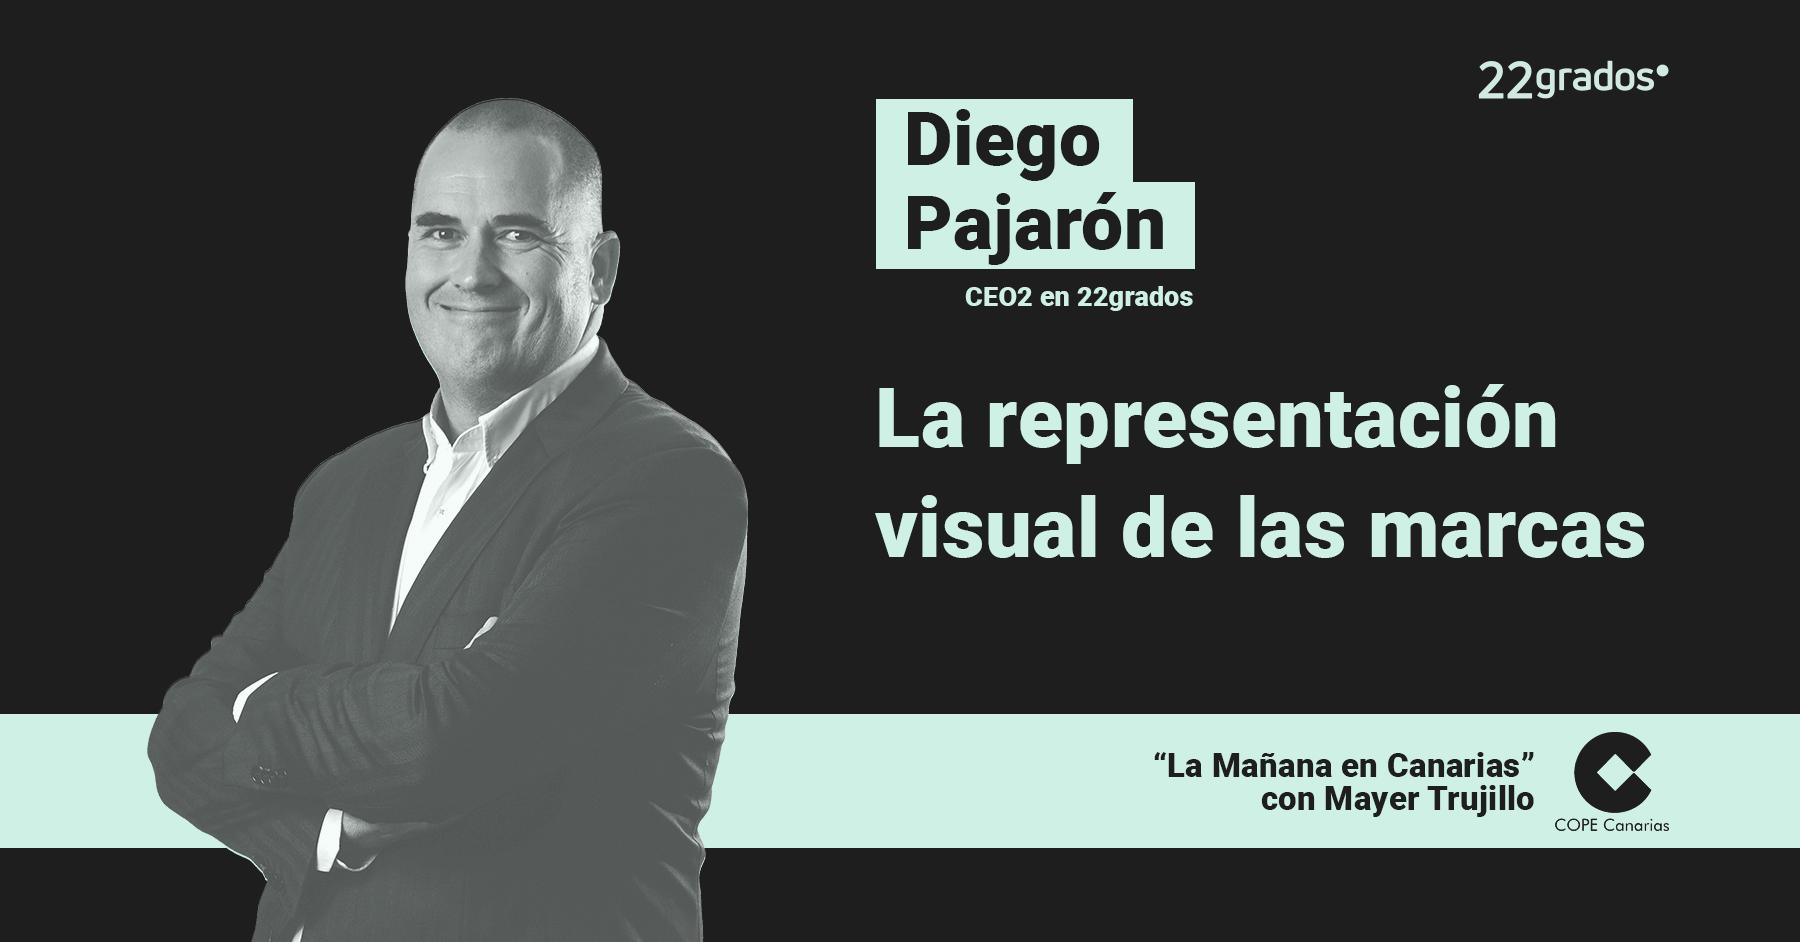 La representación visual de las marcas